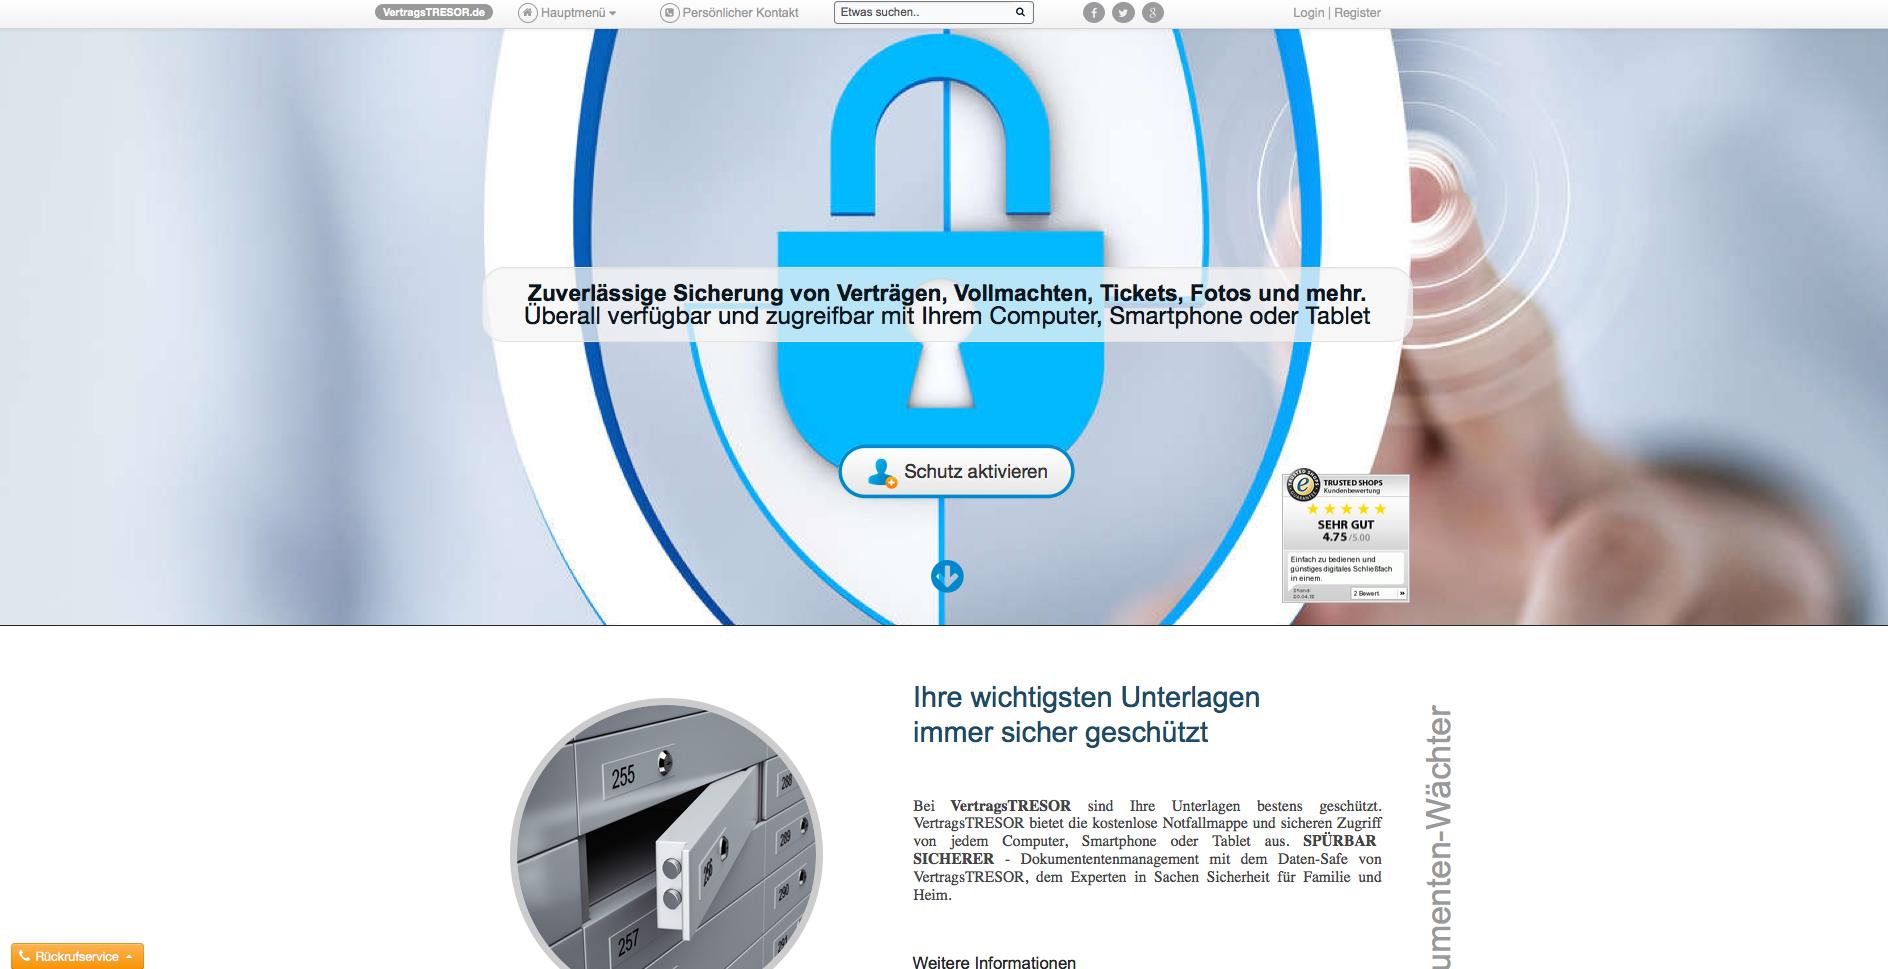 VertragsTRESOR.de Gutschein